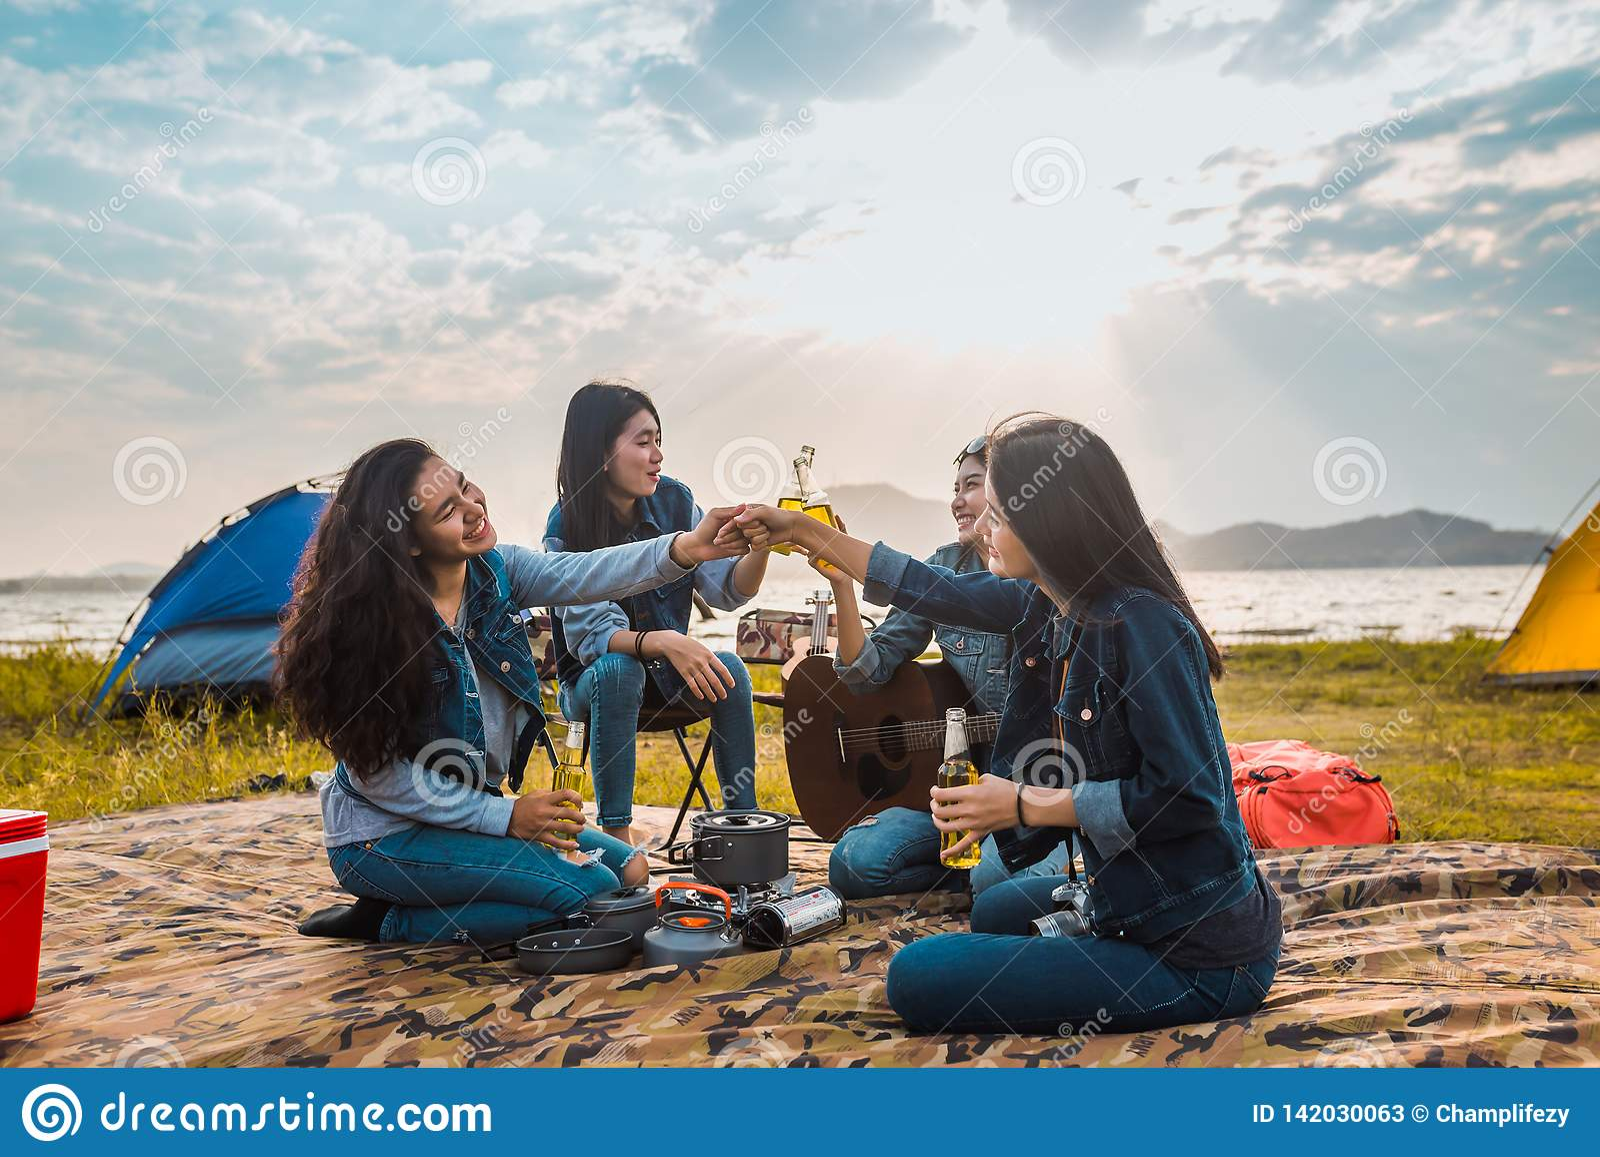 Mångfaldkvinnor festar finkaflaskor tycker om att campa